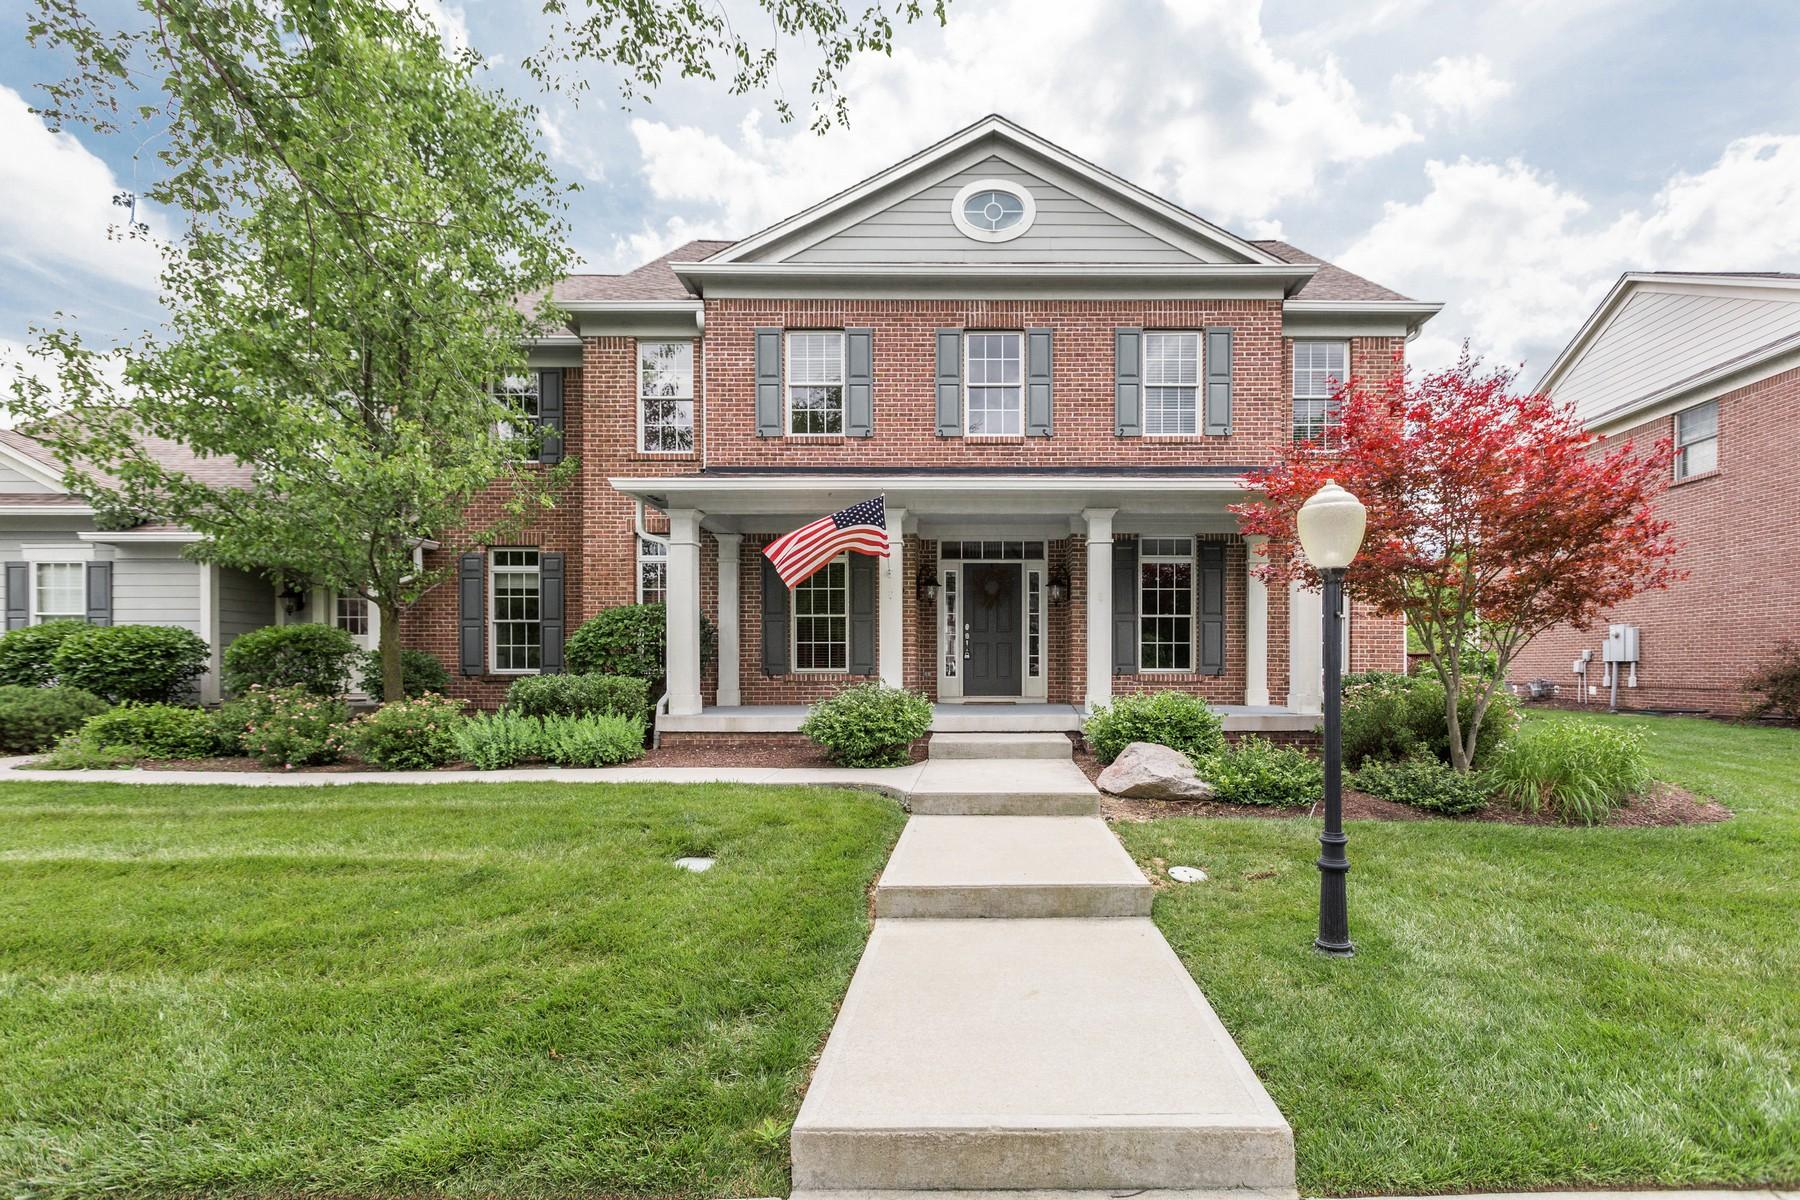 Частный односемейный дом для того Продажа на Immaculate Village of WestClay Home 1751 Halifax Street Carmel, Индиана 46032 Соединенные Штаты